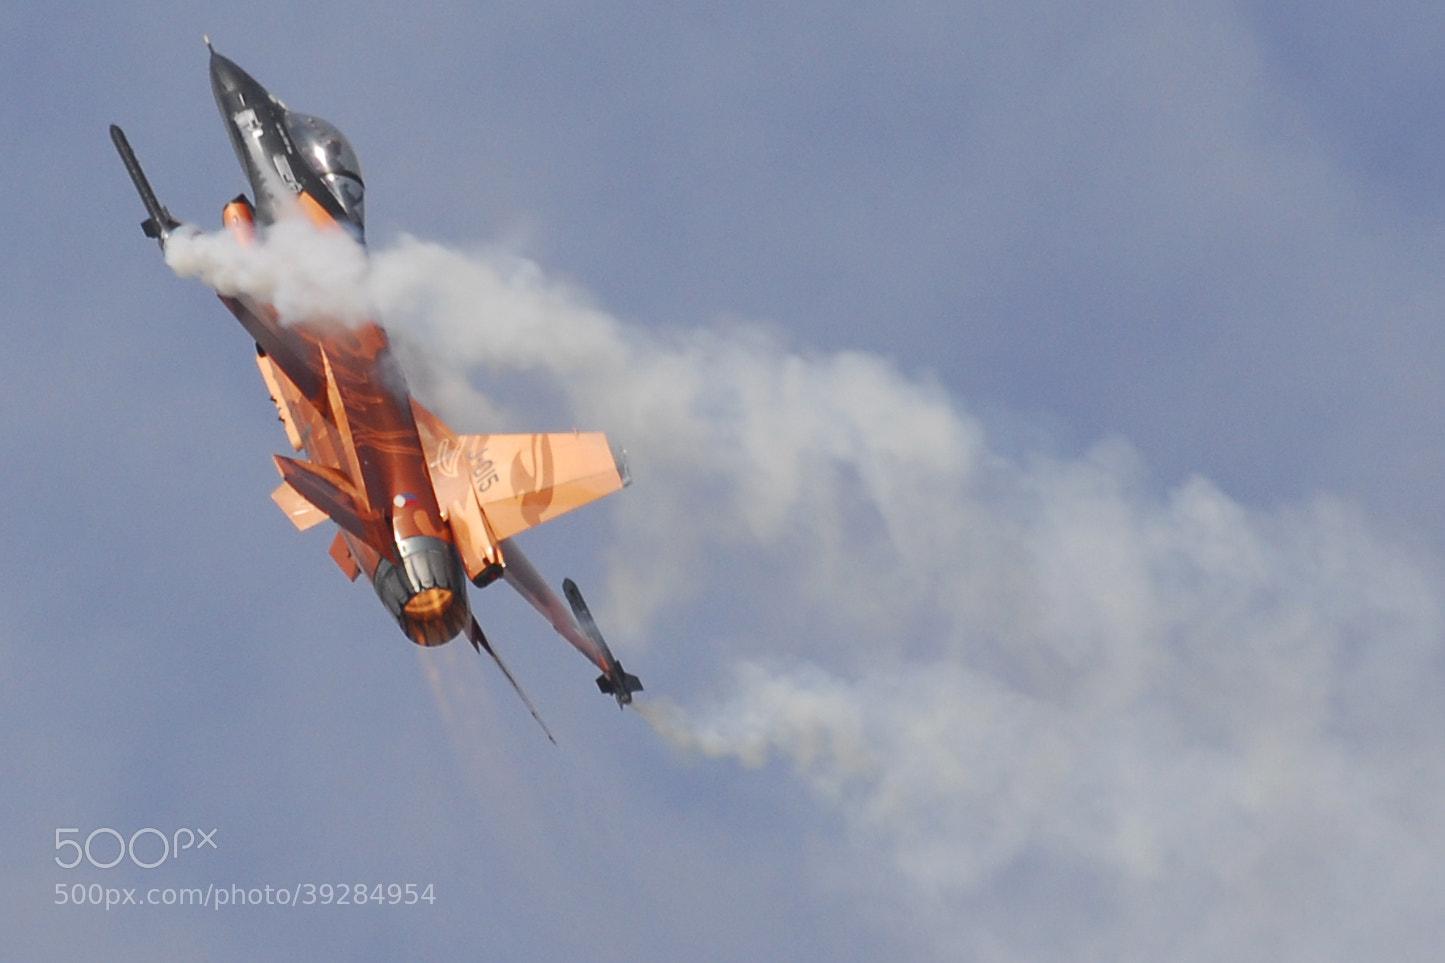 Photograph Dutch Viper by Jaap Zwagemaker on 500px